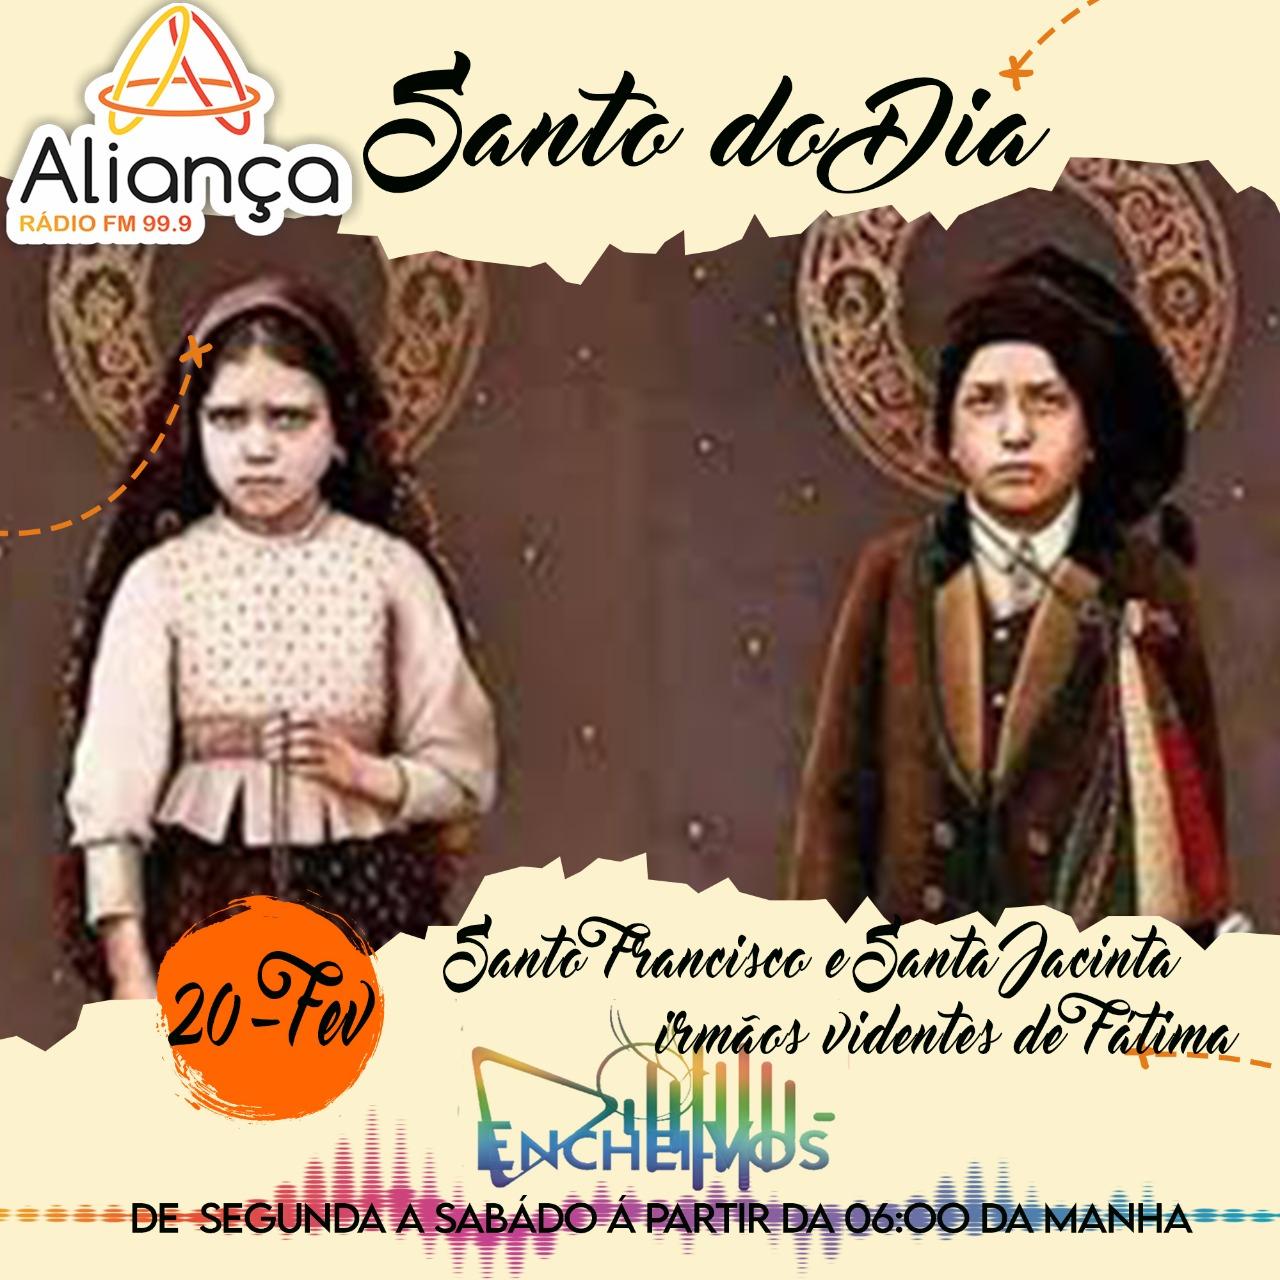 Santo do Dia de hoje (20): Santo Francisco e Santa Jacinta – irmãos videntes de Fátima